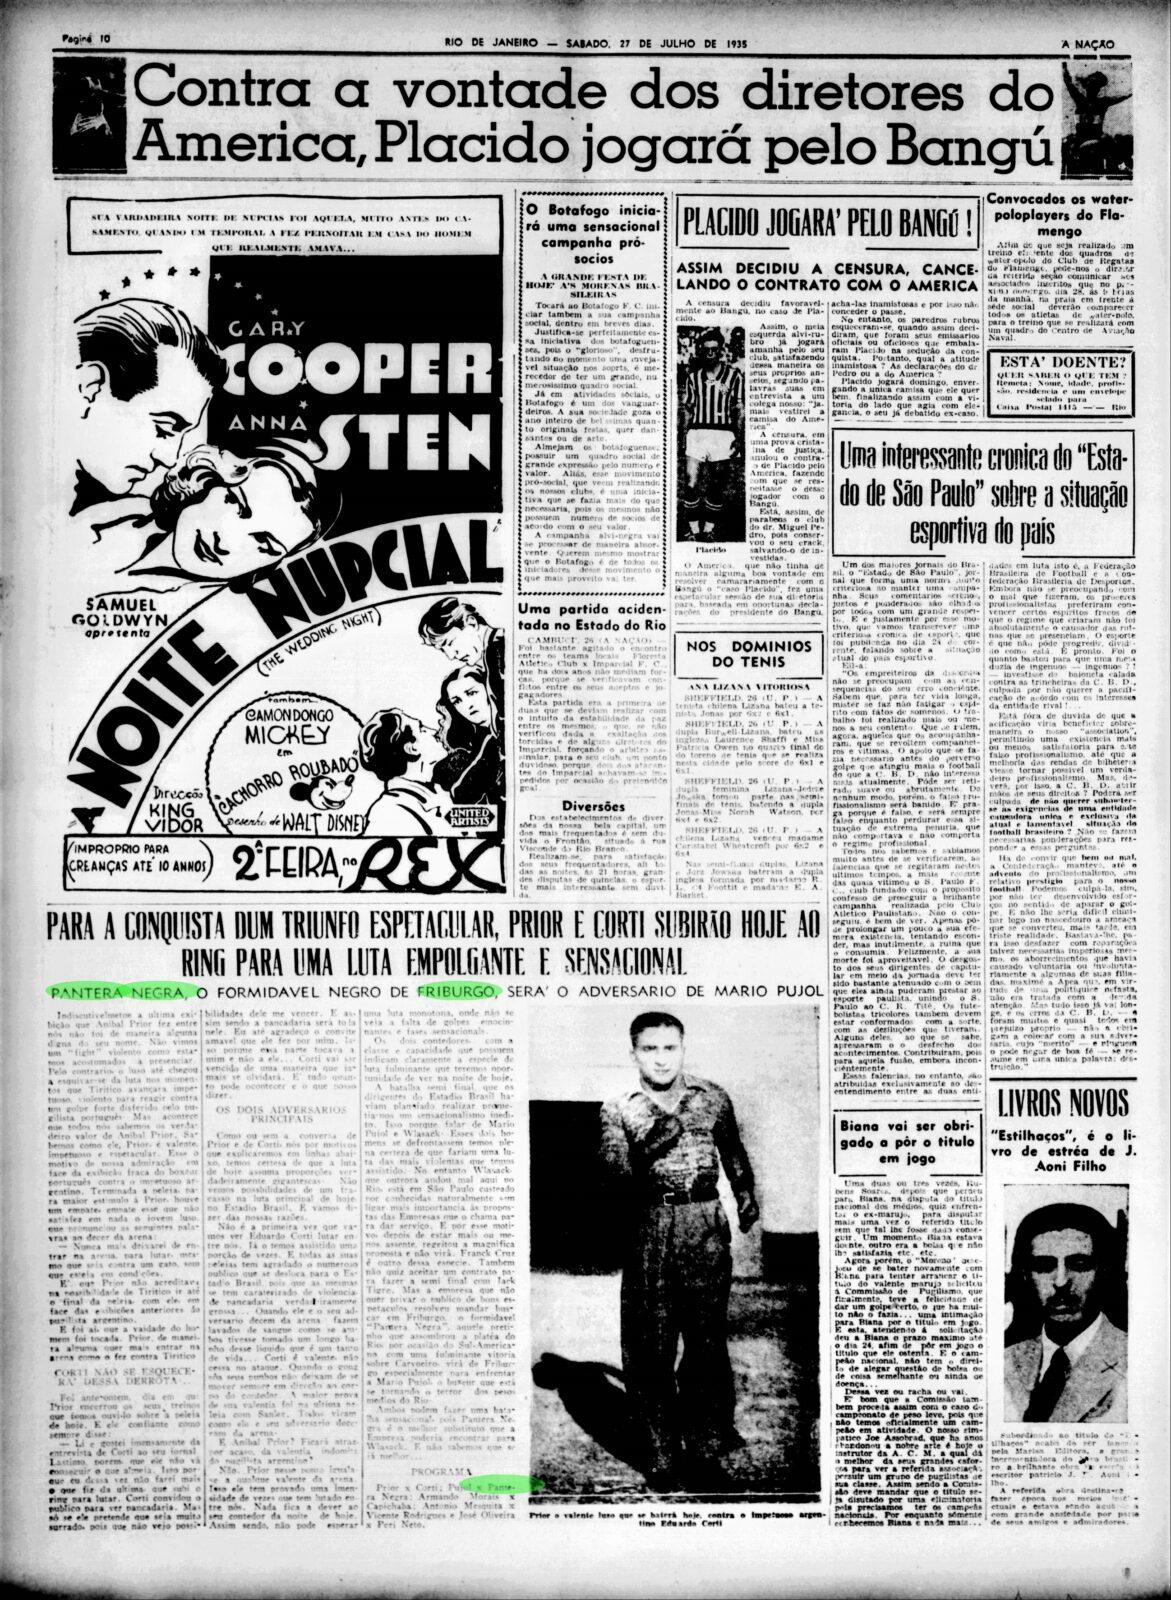 Pantera Negra, o formidável negro de Friburgo, jornal A Nação. Acervo BN